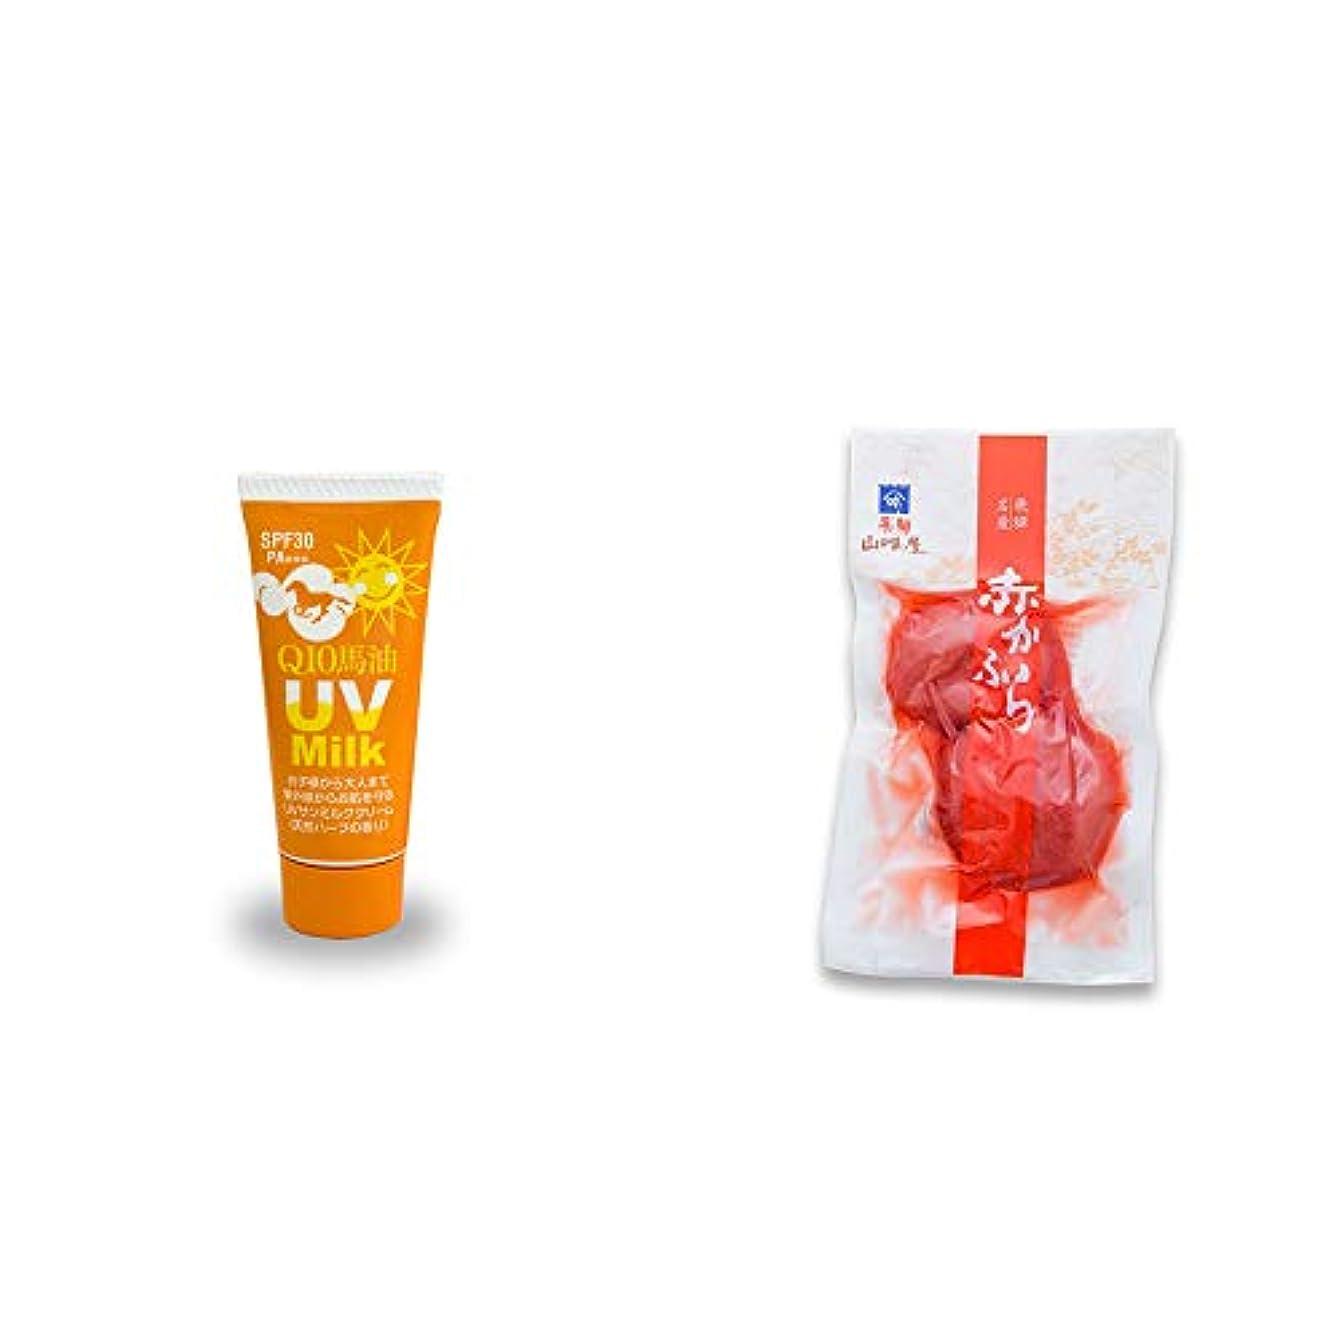 合成研磨剤相談する[2点セット] 炭黒泉 Q10馬油 UVサンミルク[天然ハーブ](40g)?飛騨山味屋 赤かぶら【小】(140g)